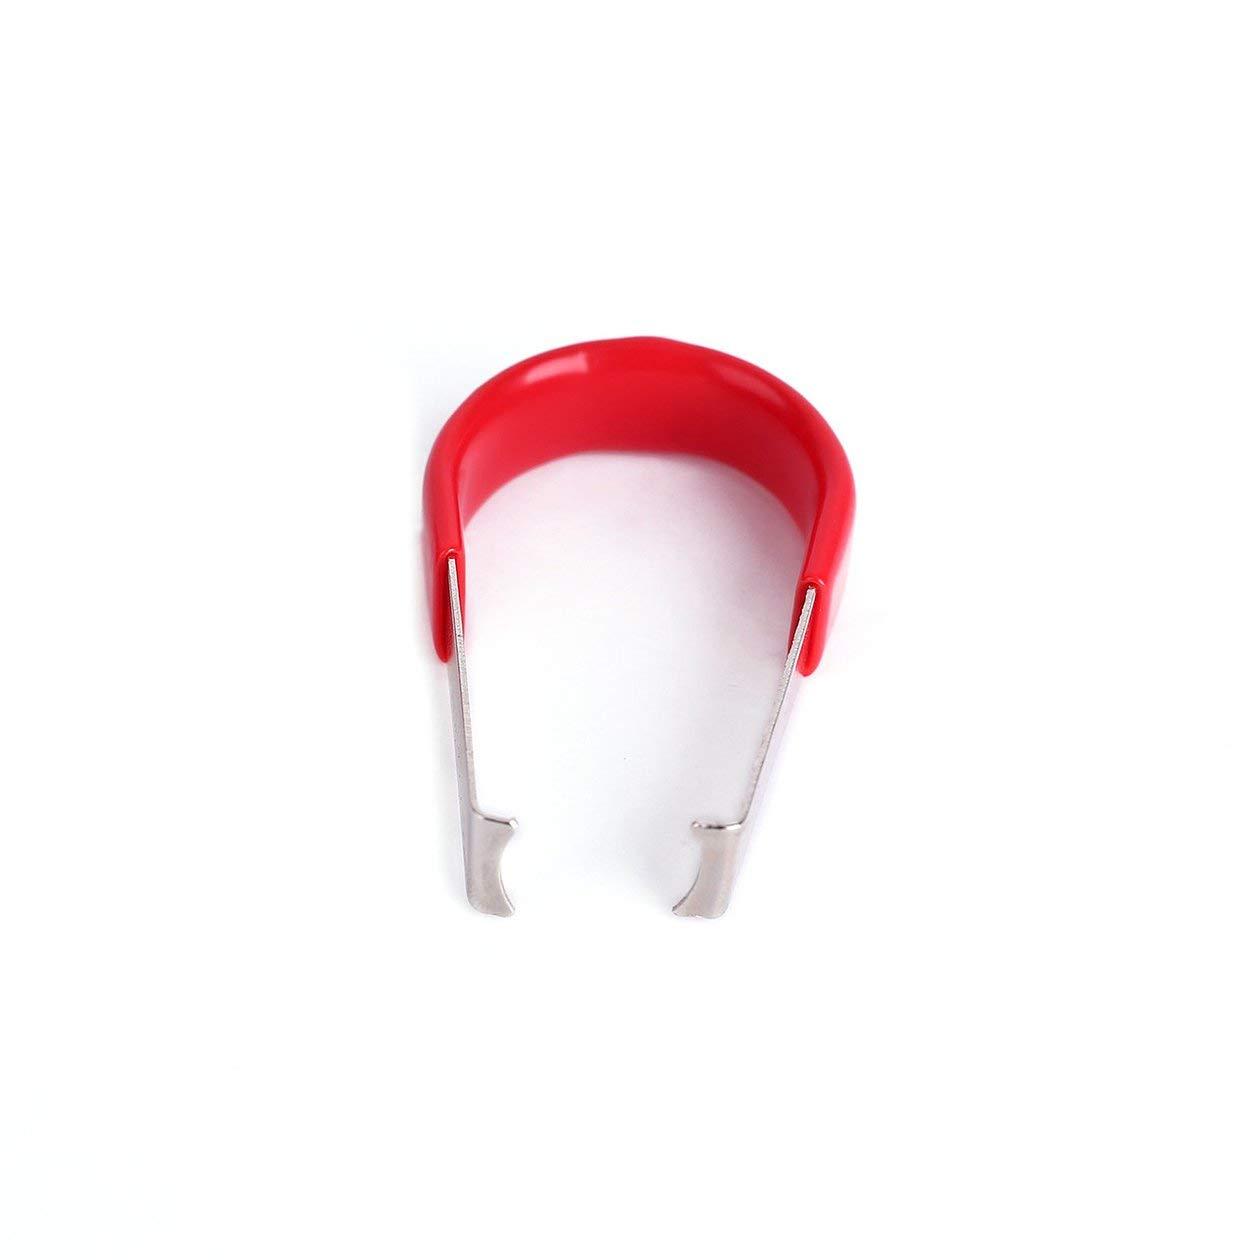 Rotella Dado Bullone Covers Cap Remover strumento chiave pinzette metallo Heraihe